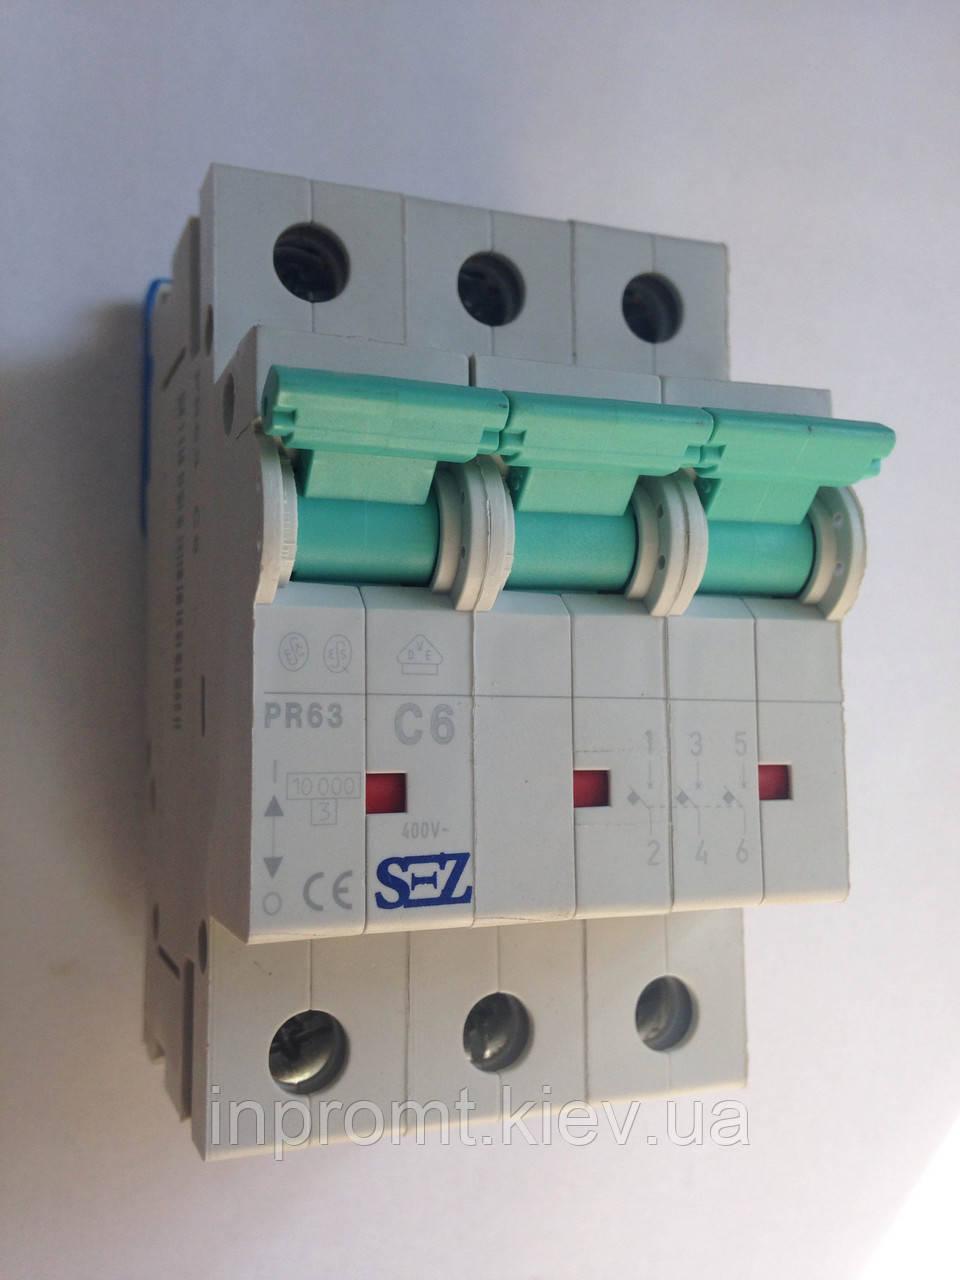 Автоматический выключатель PR63С6